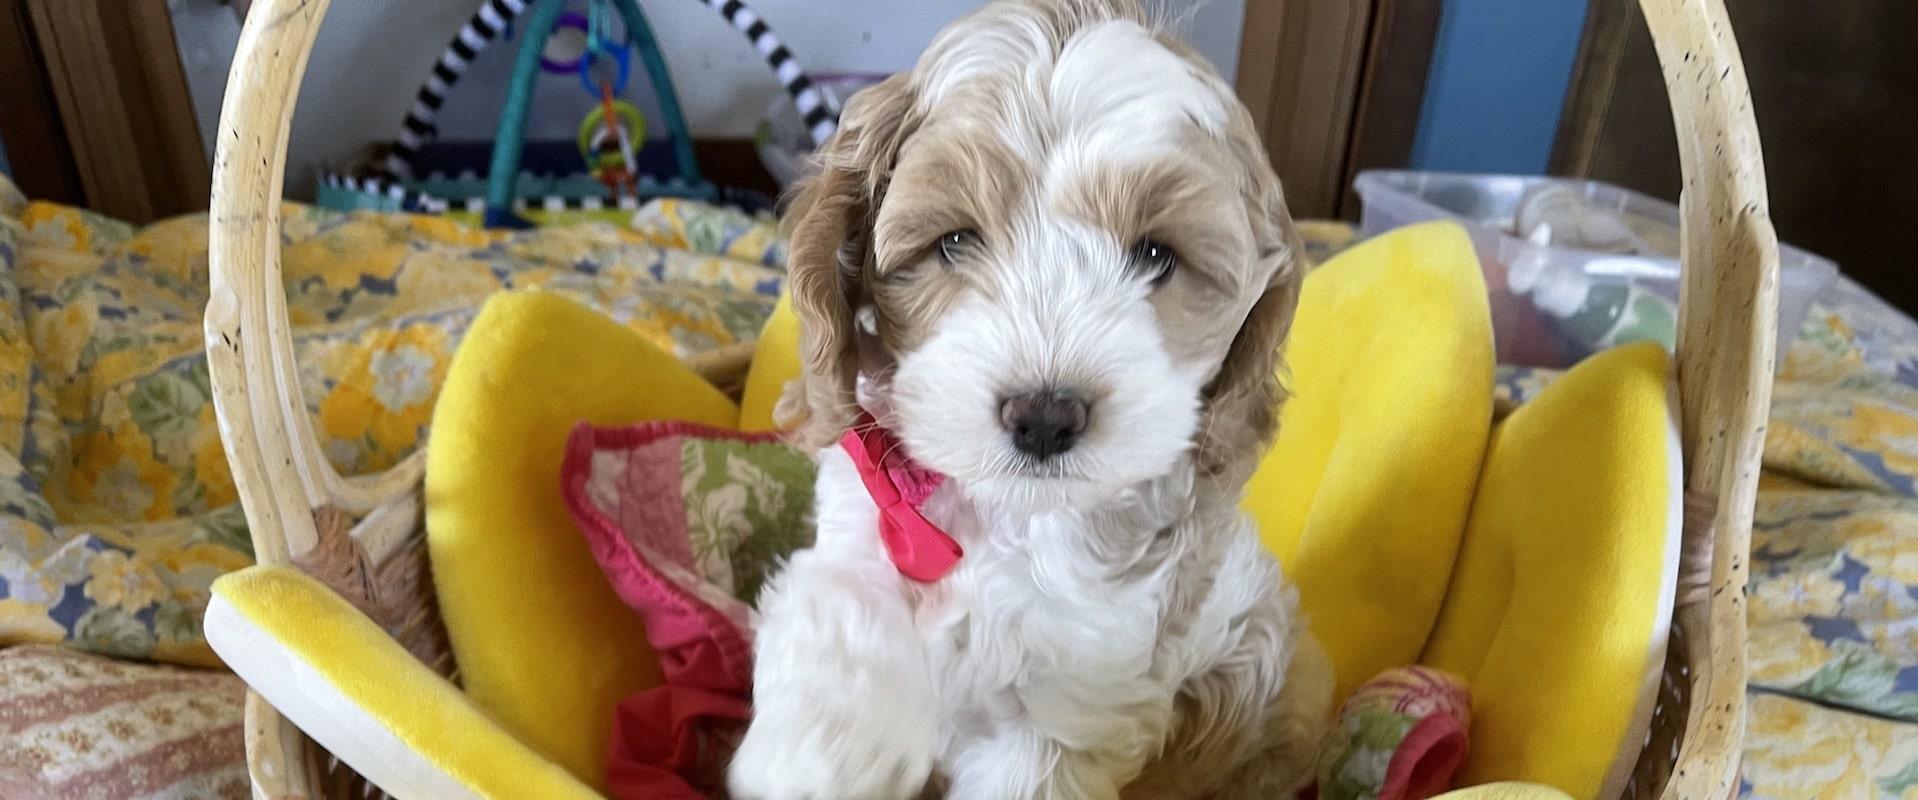 New Tassie Puppies (Born April 7, 2021)